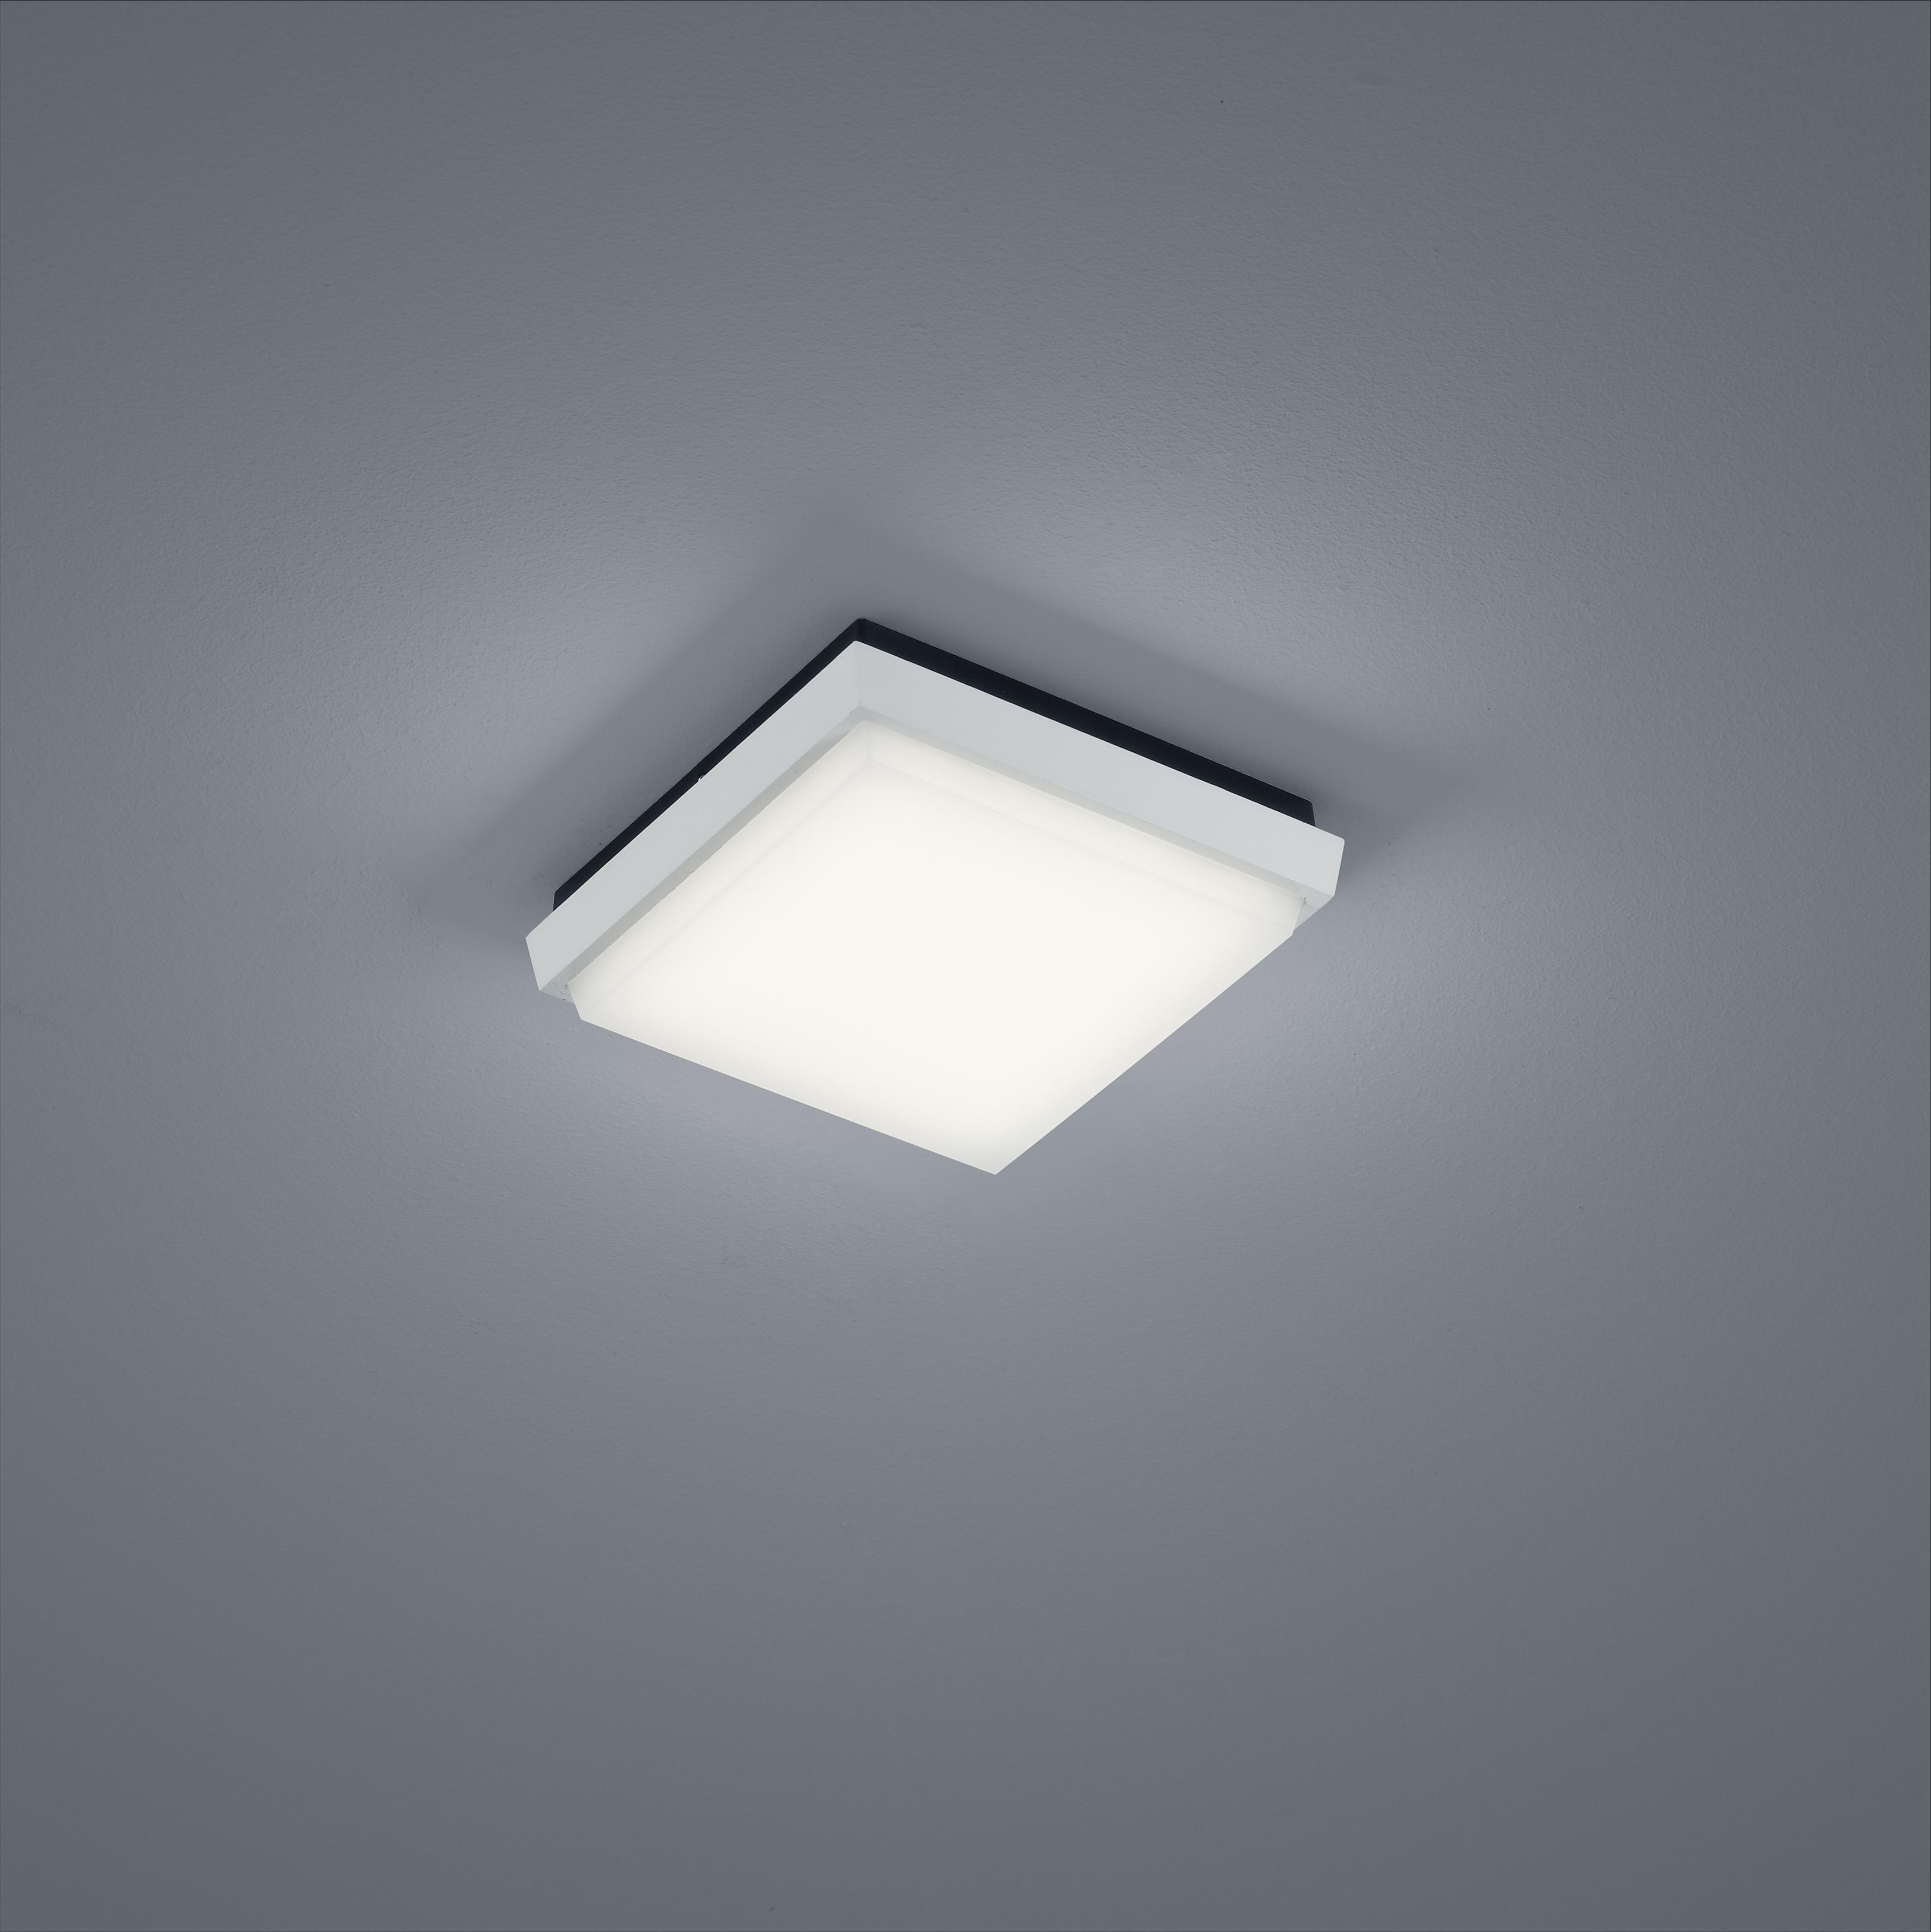 Deckenleuchten von Helestra Leuchten SOLA LED - Außenleuchte Deckenleuchte A15506.07